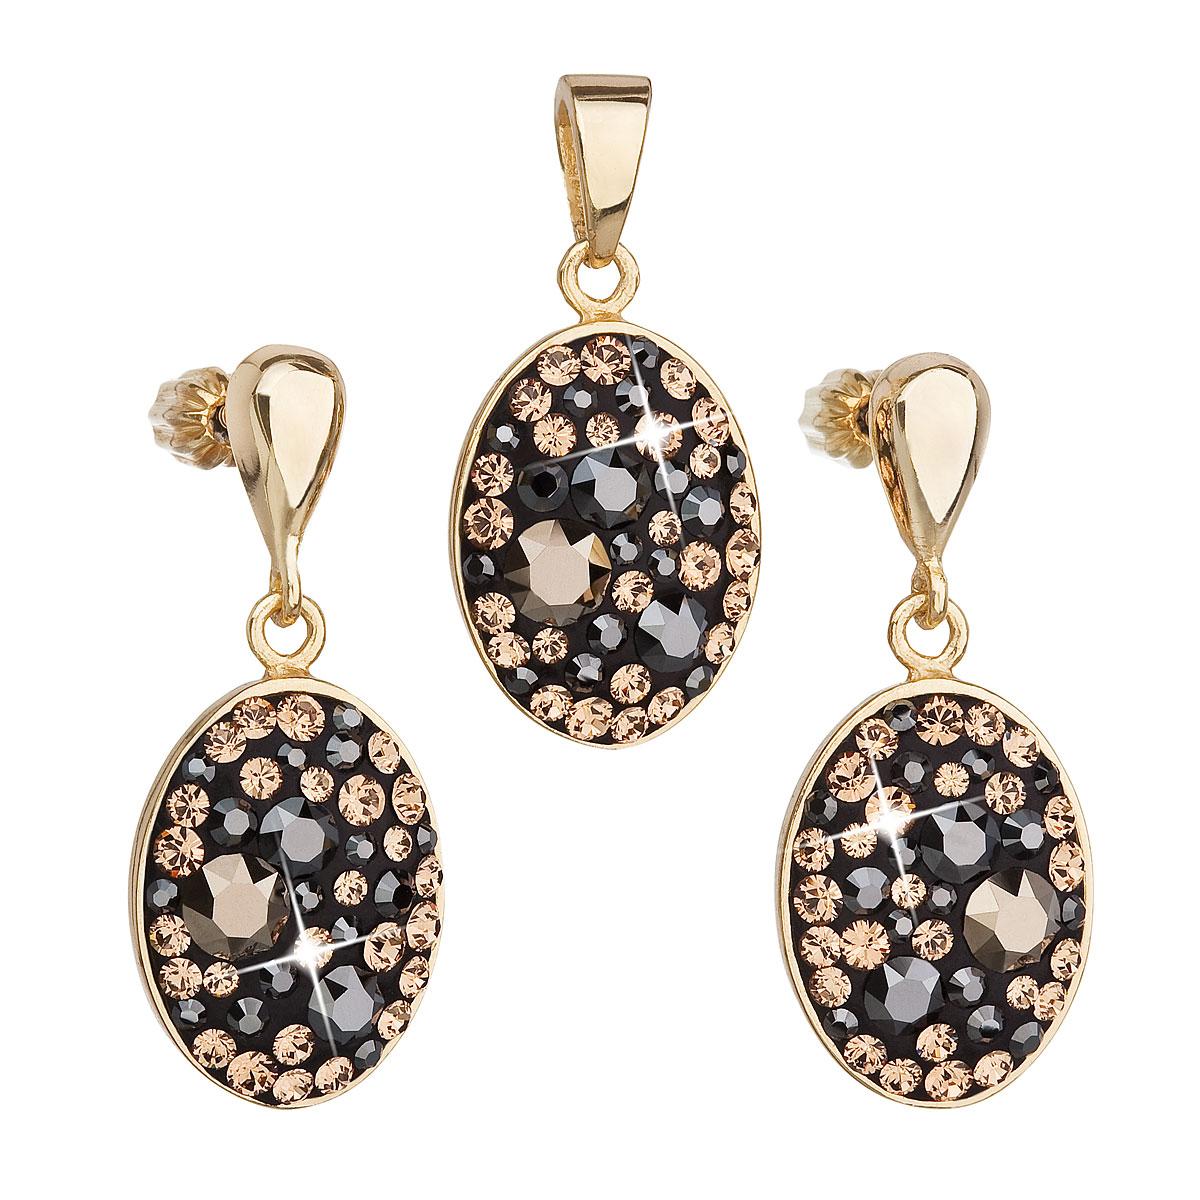 Evolution Group Sada šperků s krystaly Swarovski náušnice a přívěsek mix barev černá hnědá zlatá ovál 39150.4, dárkové balení